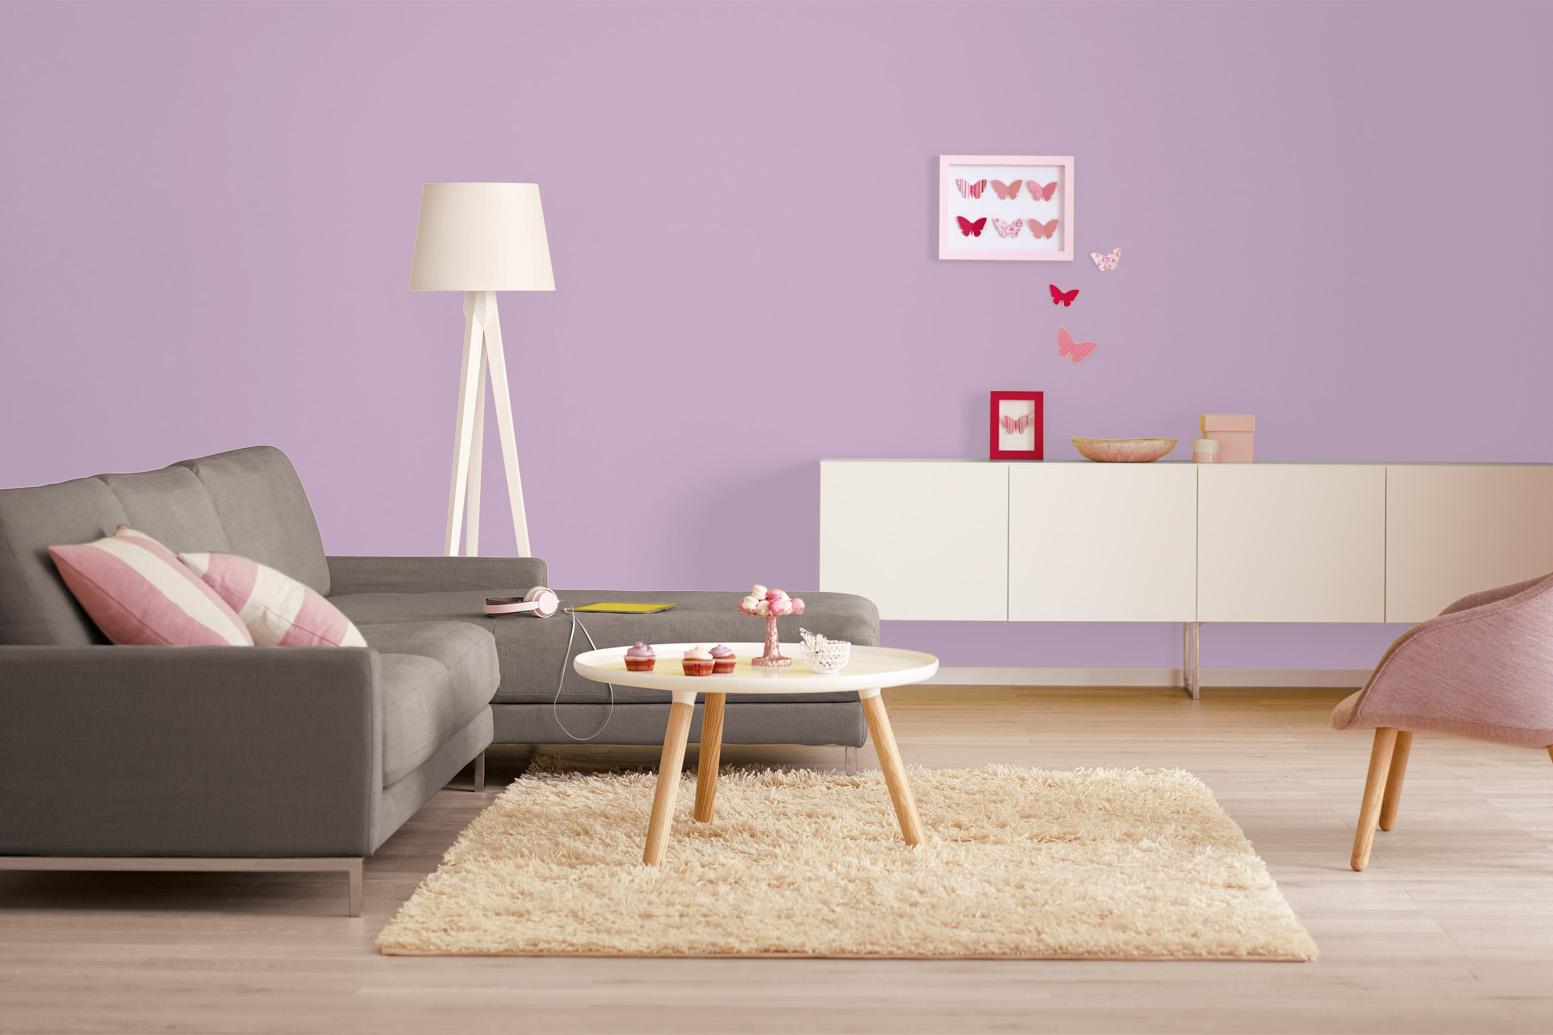 ideen f r die wandgestaltung im wohnzimmer alpina farbe einrichten. Black Bedroom Furniture Sets. Home Design Ideas